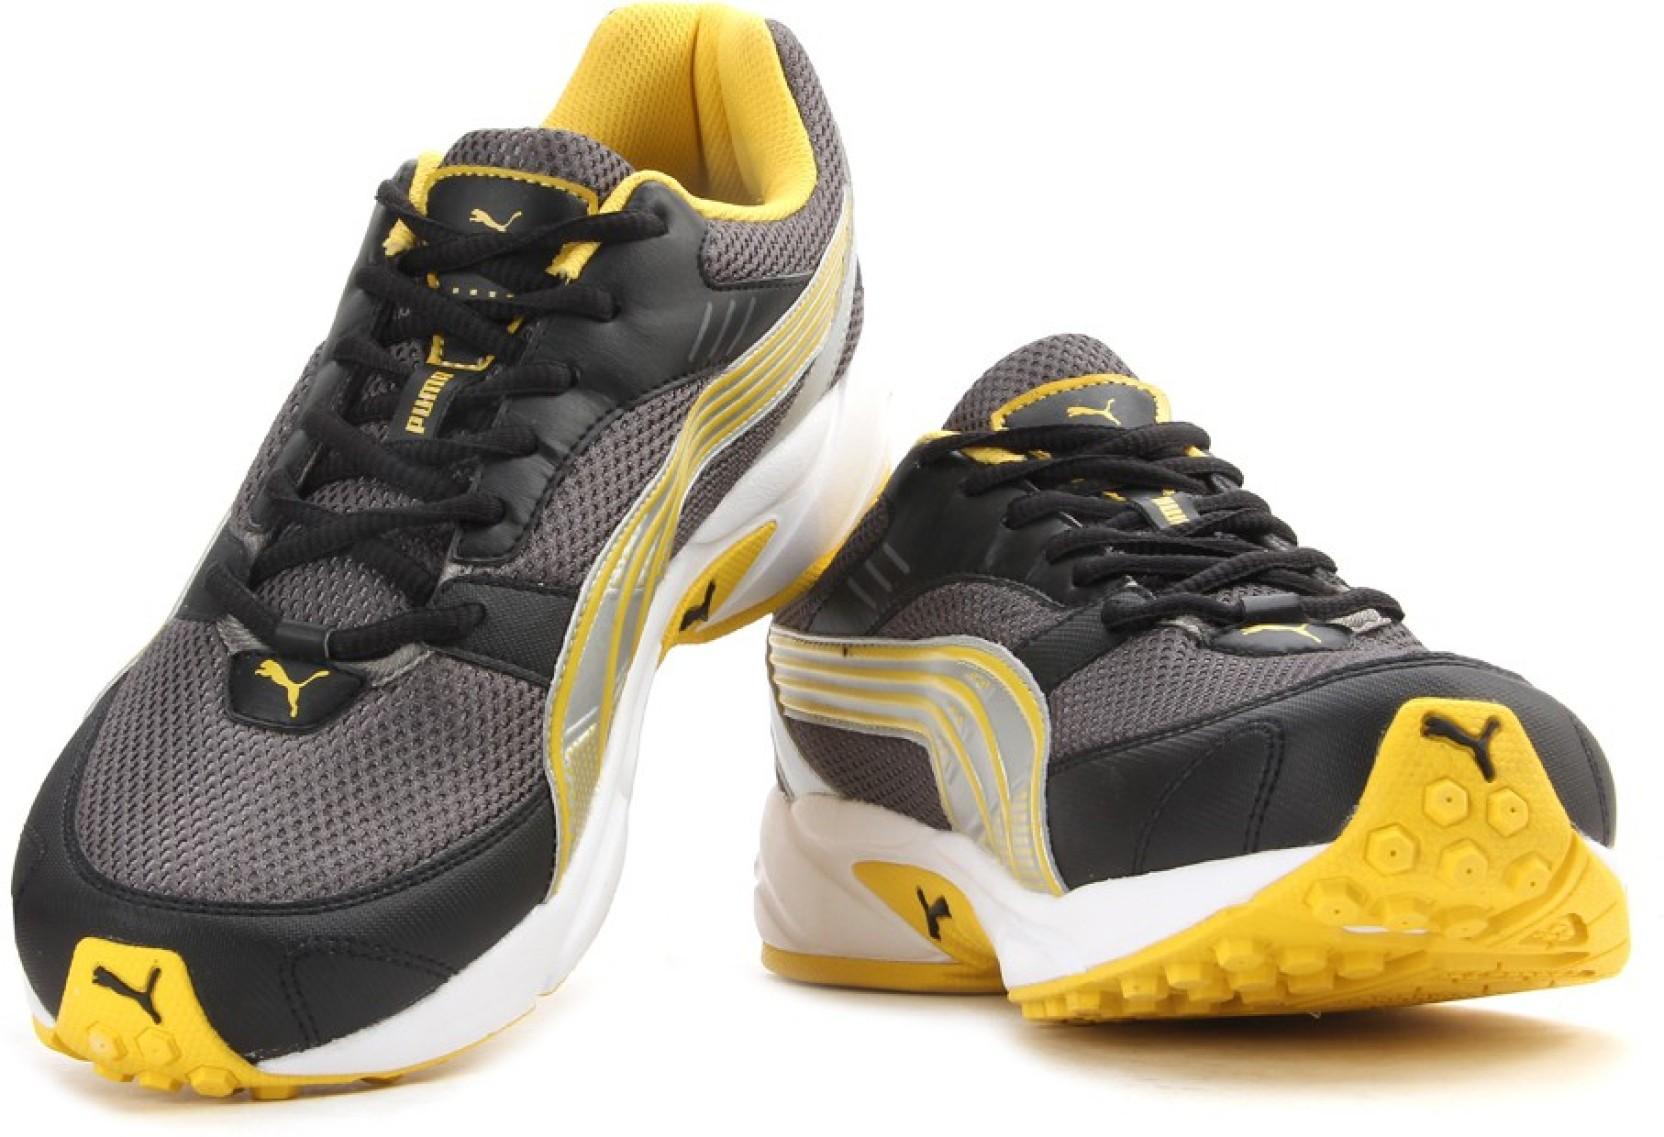 Puma Shoe Laces Buy Online India